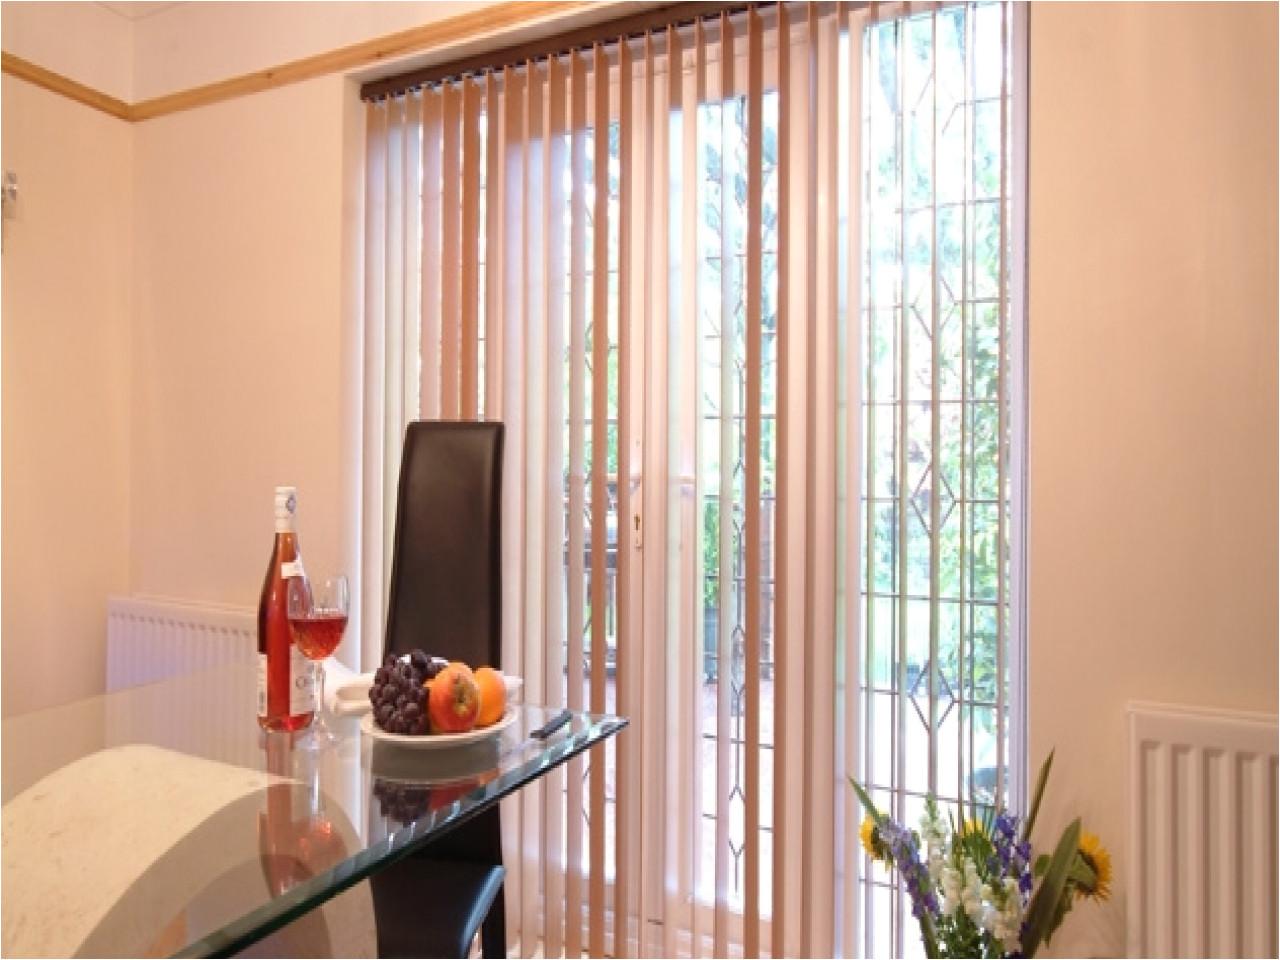 clever wood blinds for patio door patio door blinds wooden vertical blinds for patio door